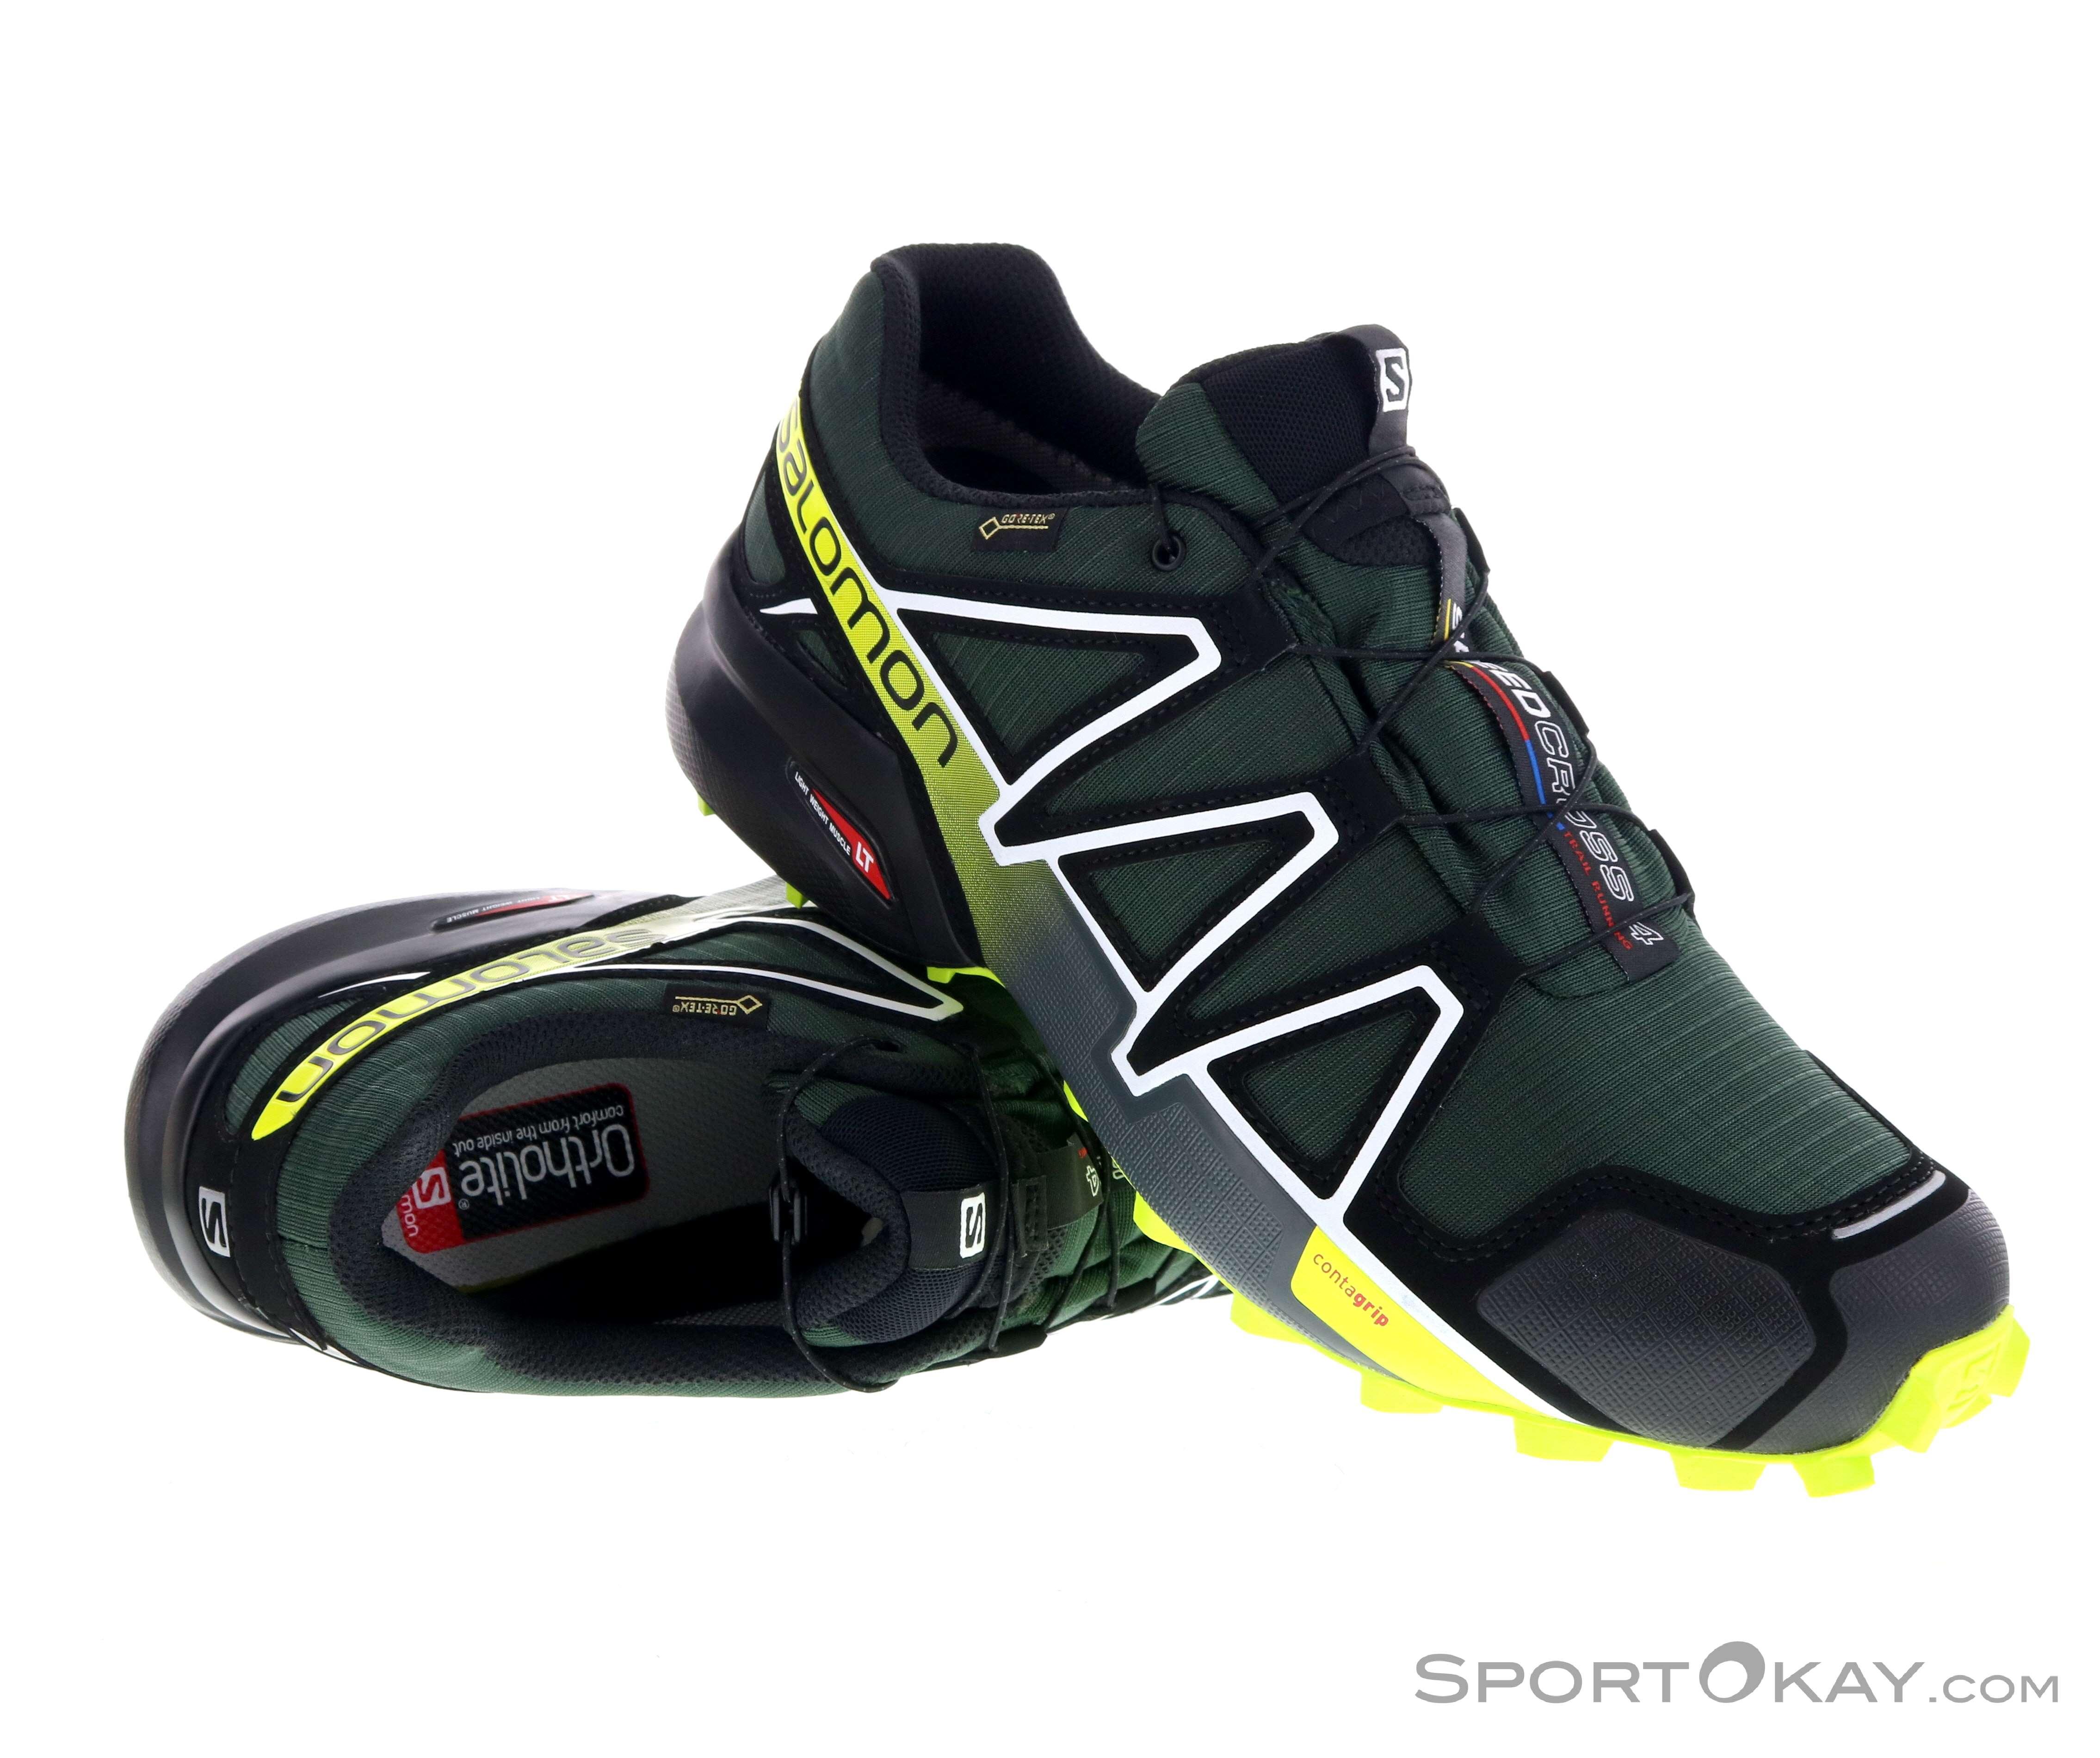 Neu! Salomon Speedcross 4 GTX Gr. 46 23 EU und Schwarz